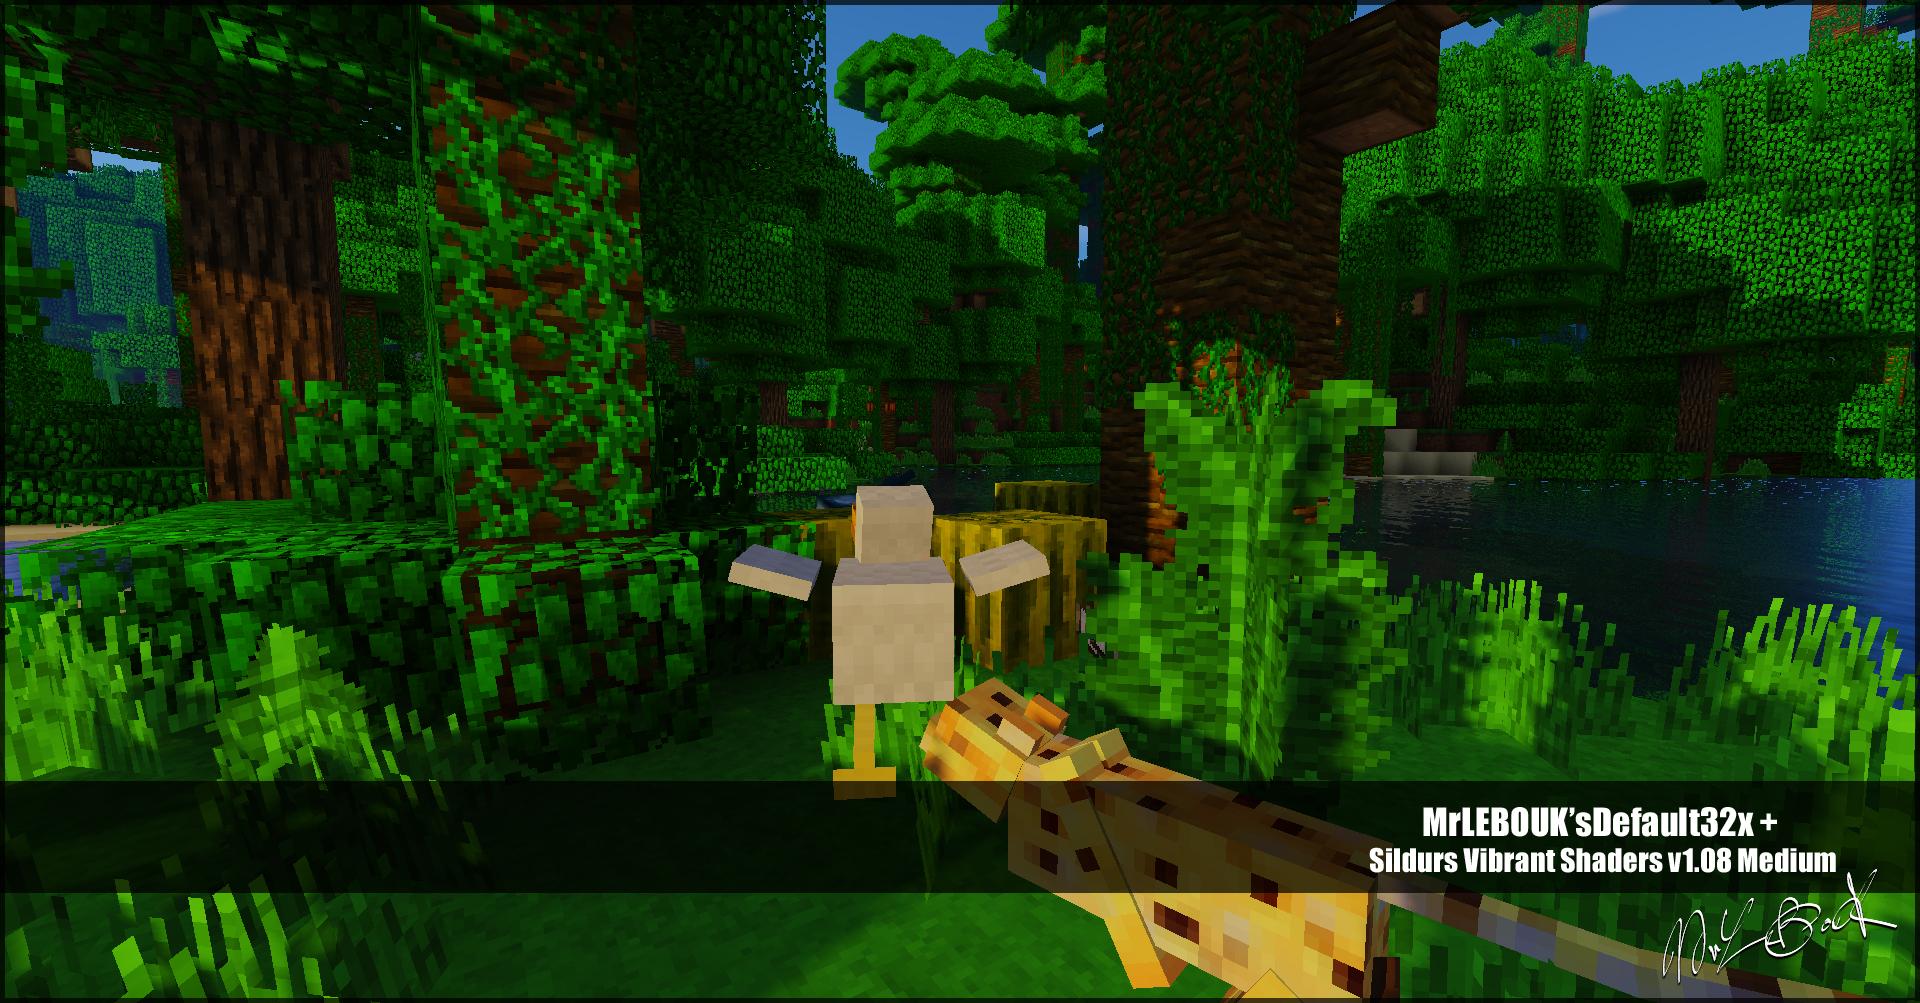 Jungle et ocelot : Resource pack minecraft MrLEBOUK'SDEFAUT32x